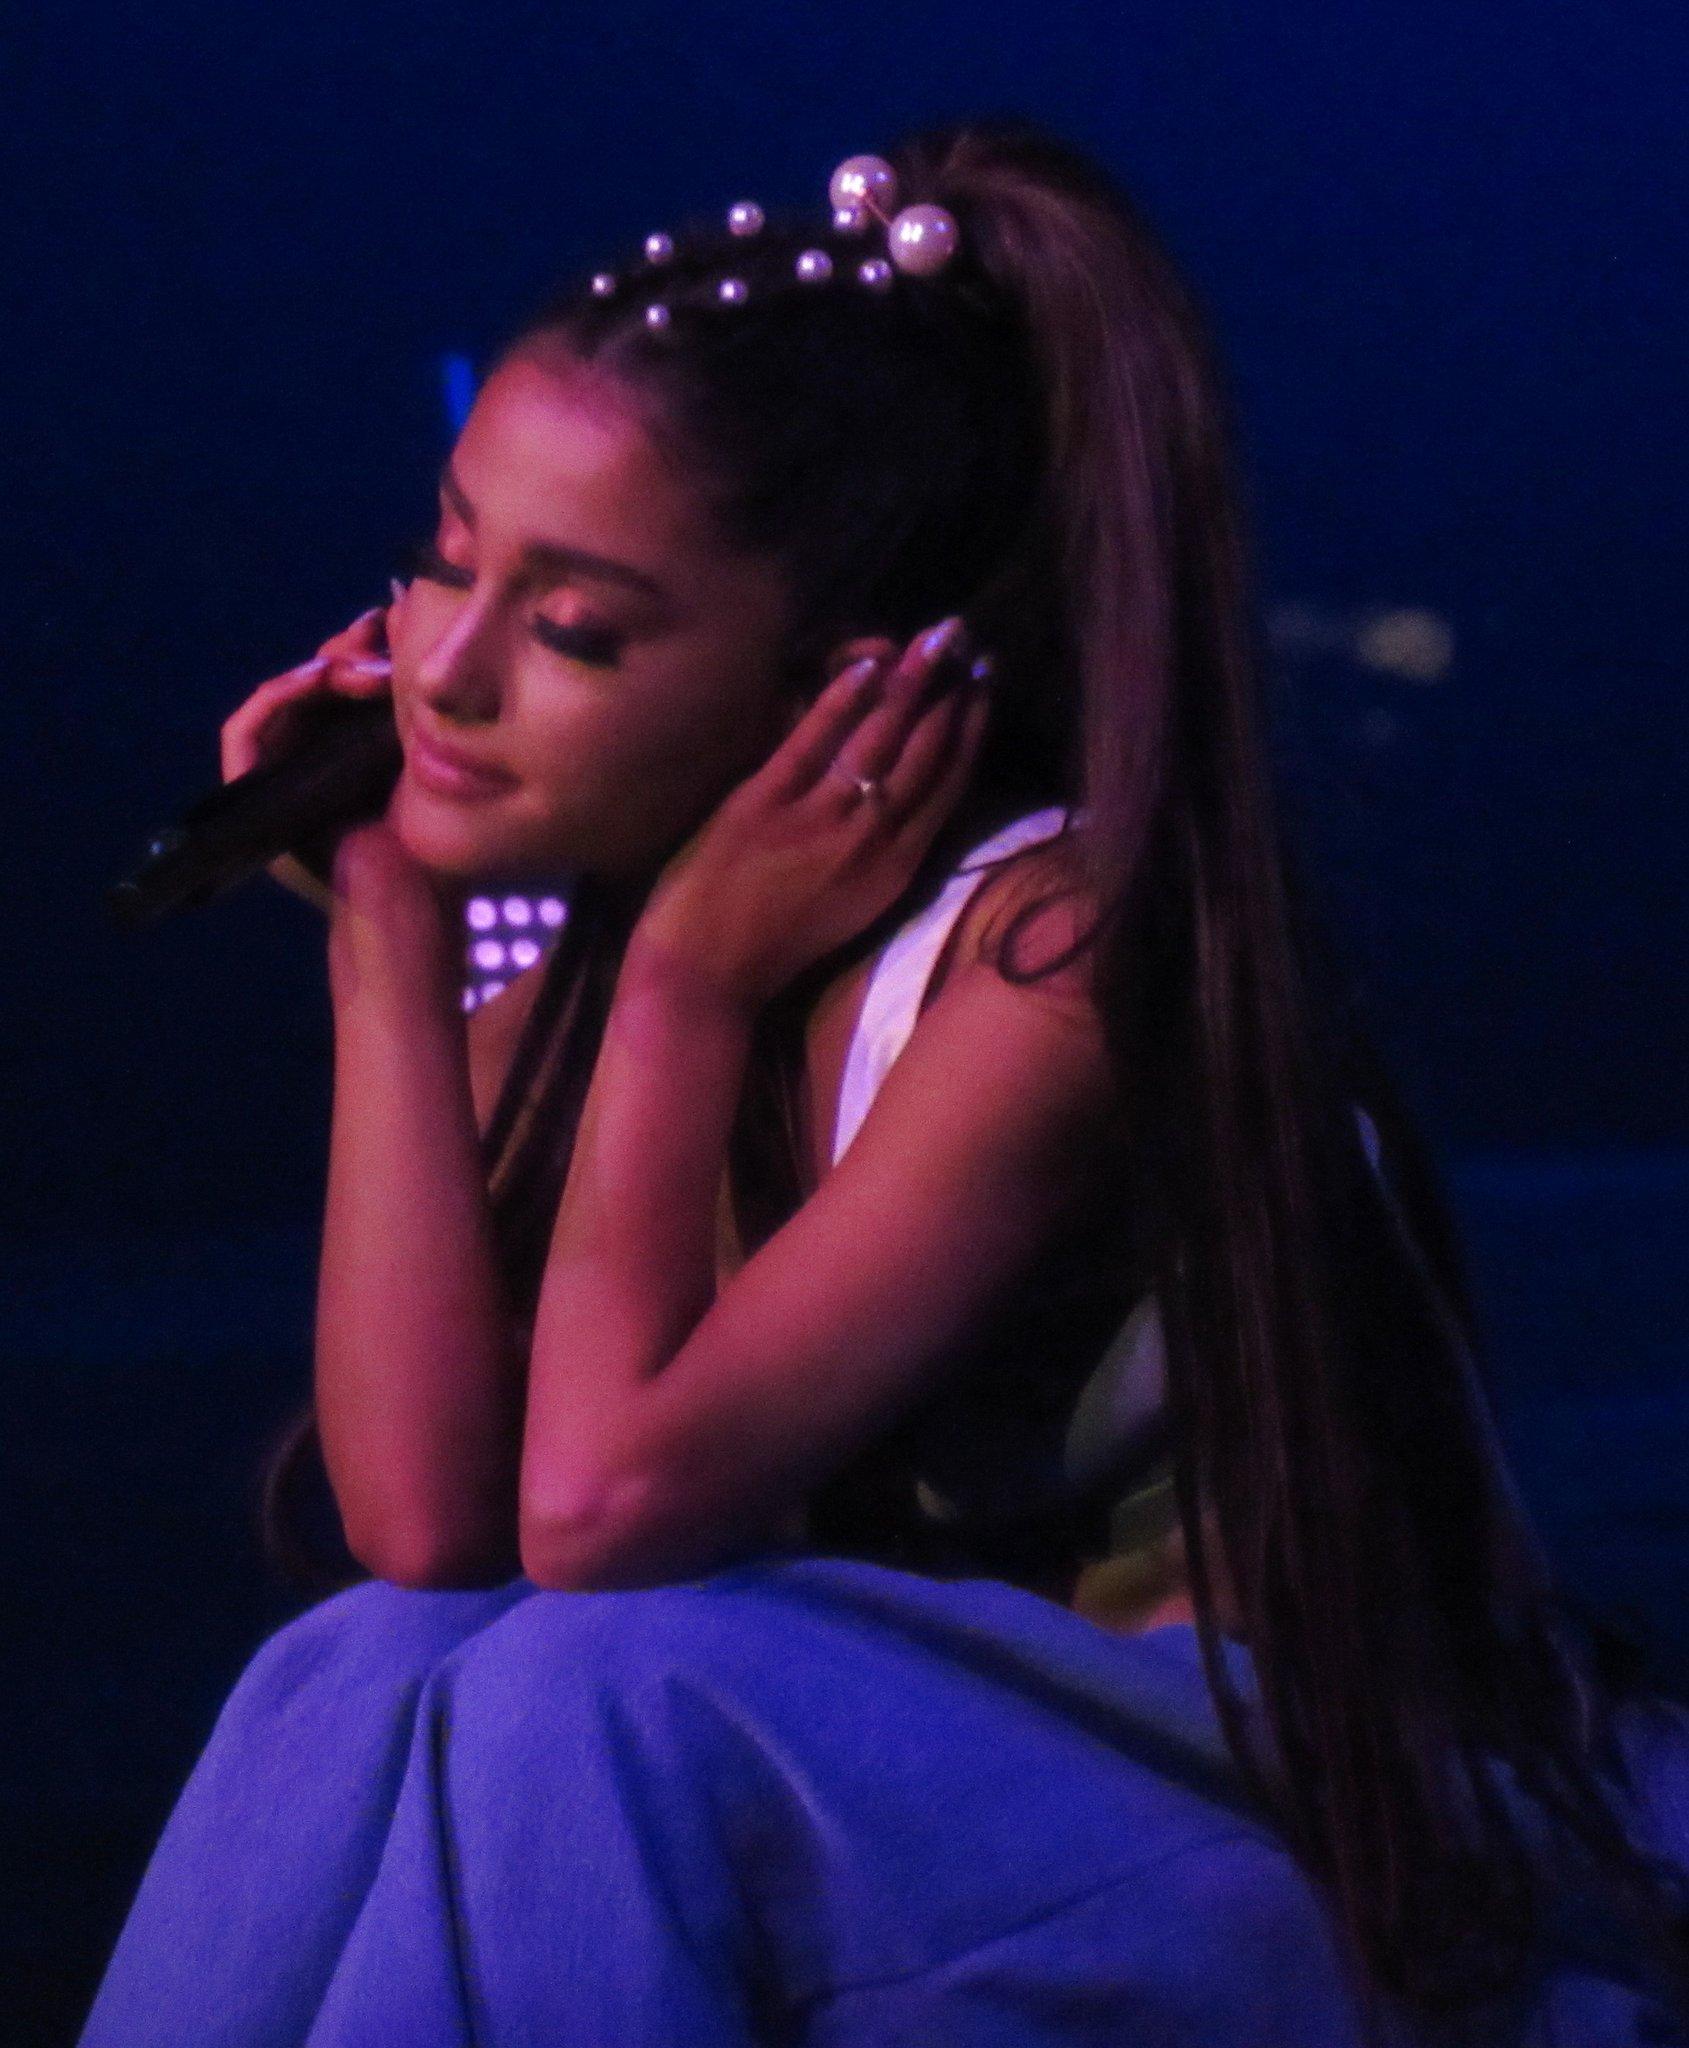 Versuchen Sie nicht Wichse Ariana Grande